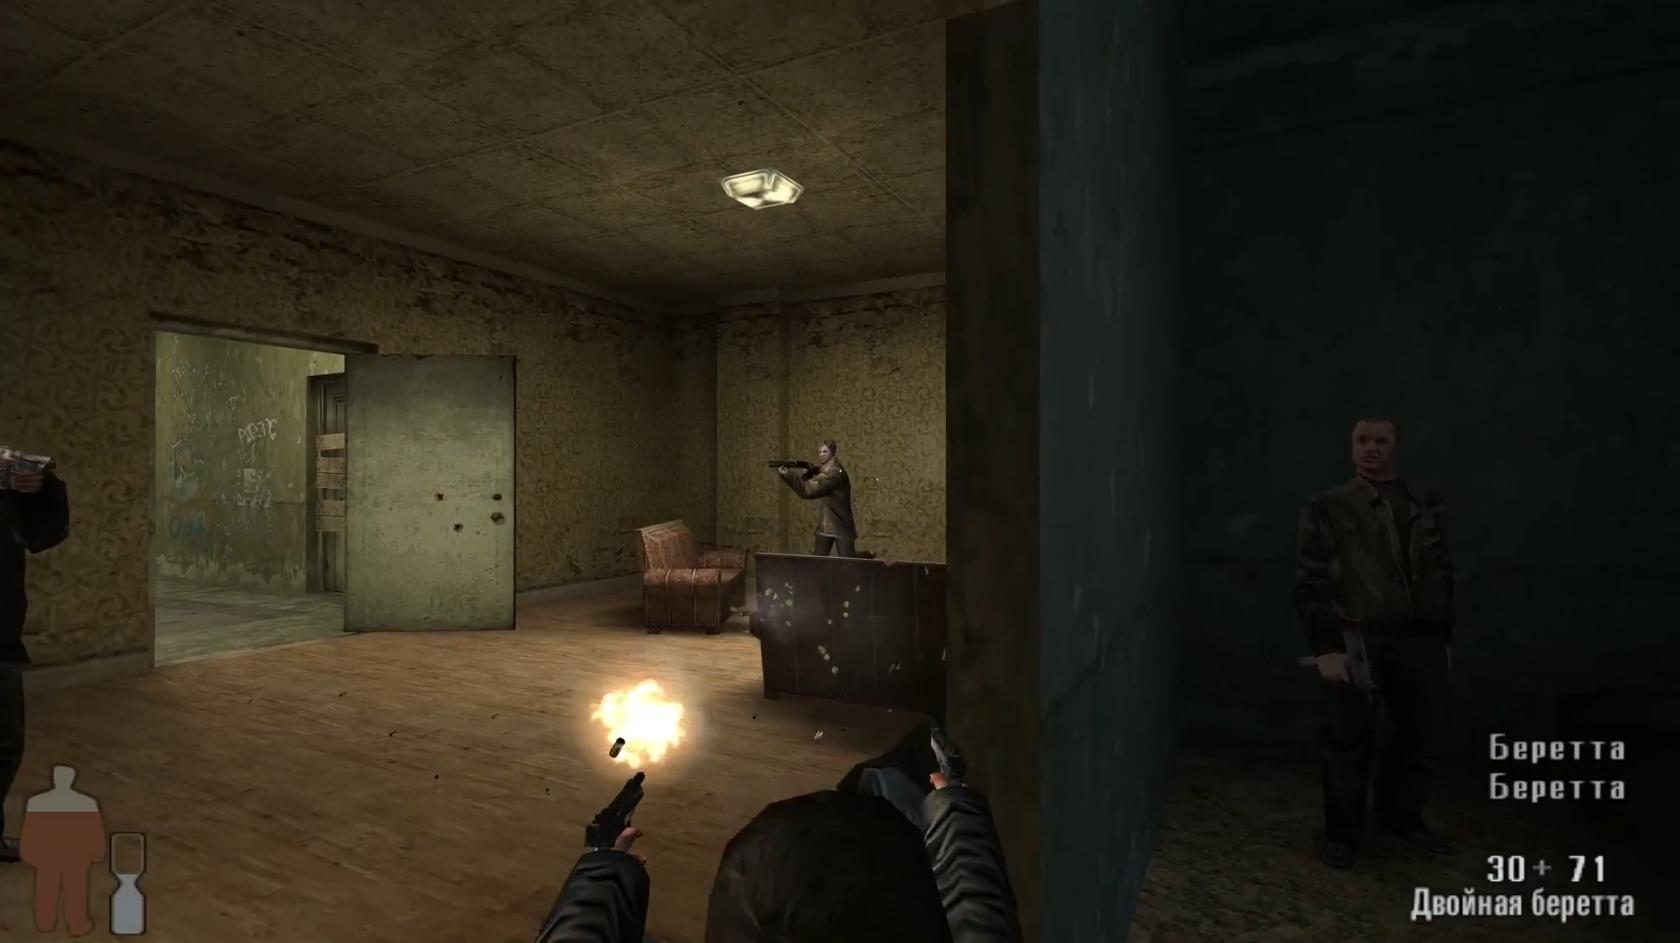 Философия мести   Ностальгический обзор игры Max Payne. - Изображение 8